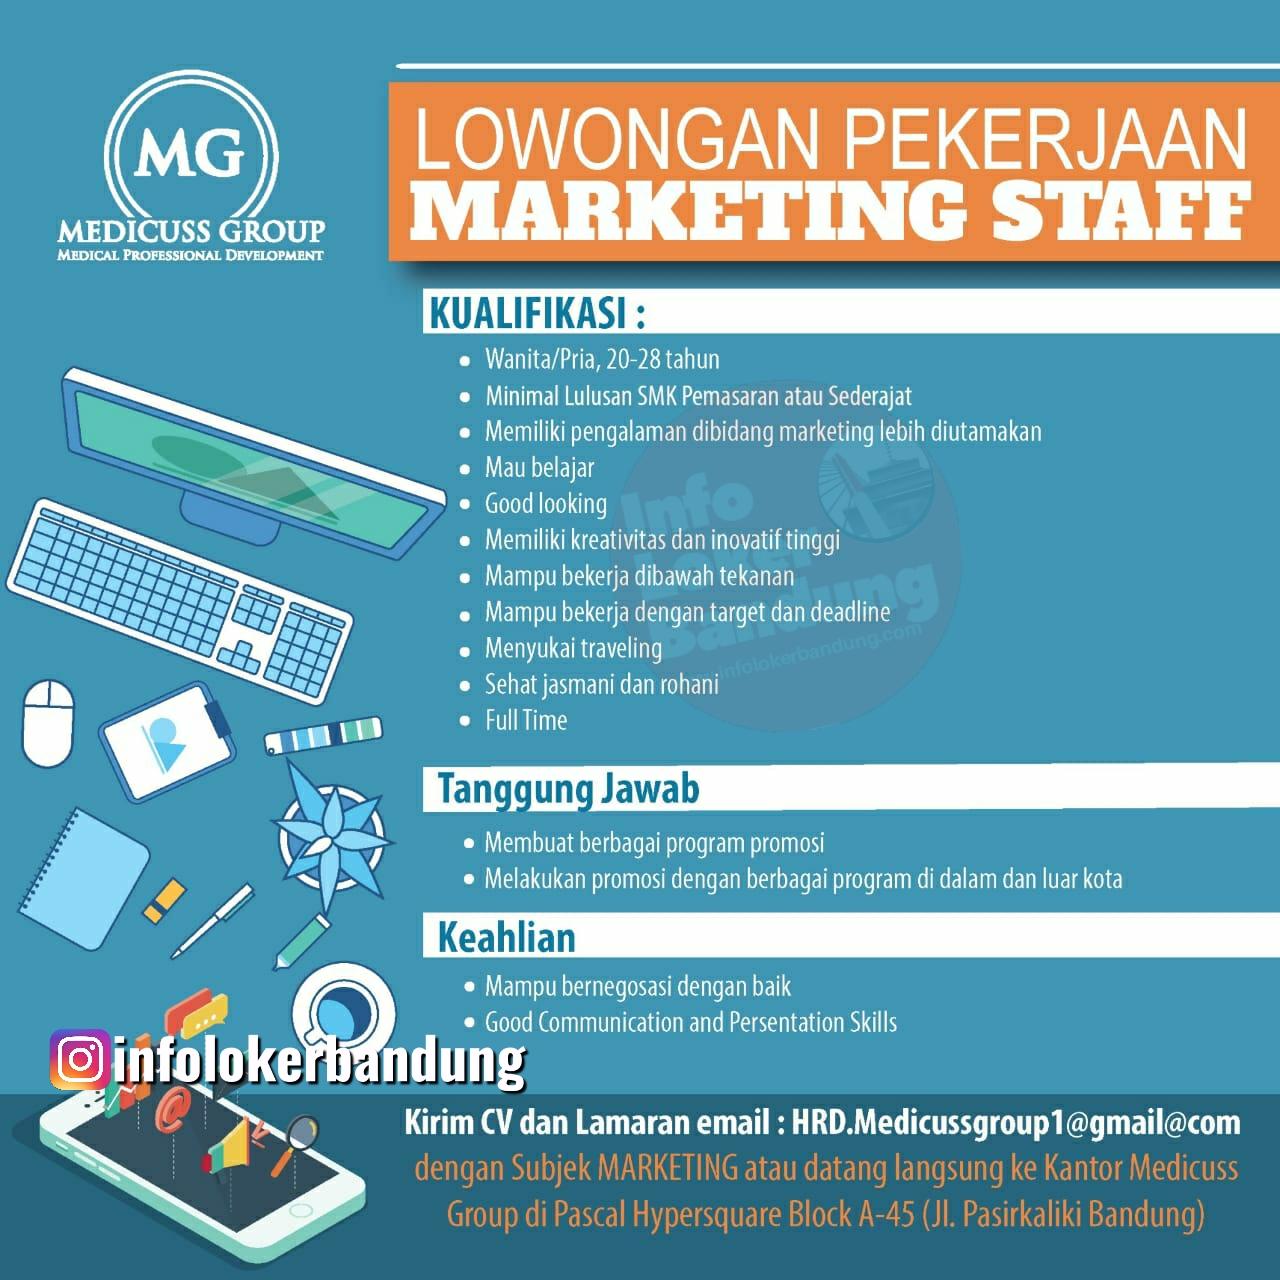 Lowongan Kerja Staff Marketing CV. Buana Mandiri (Medicuss Group) Bandung Mei 2020